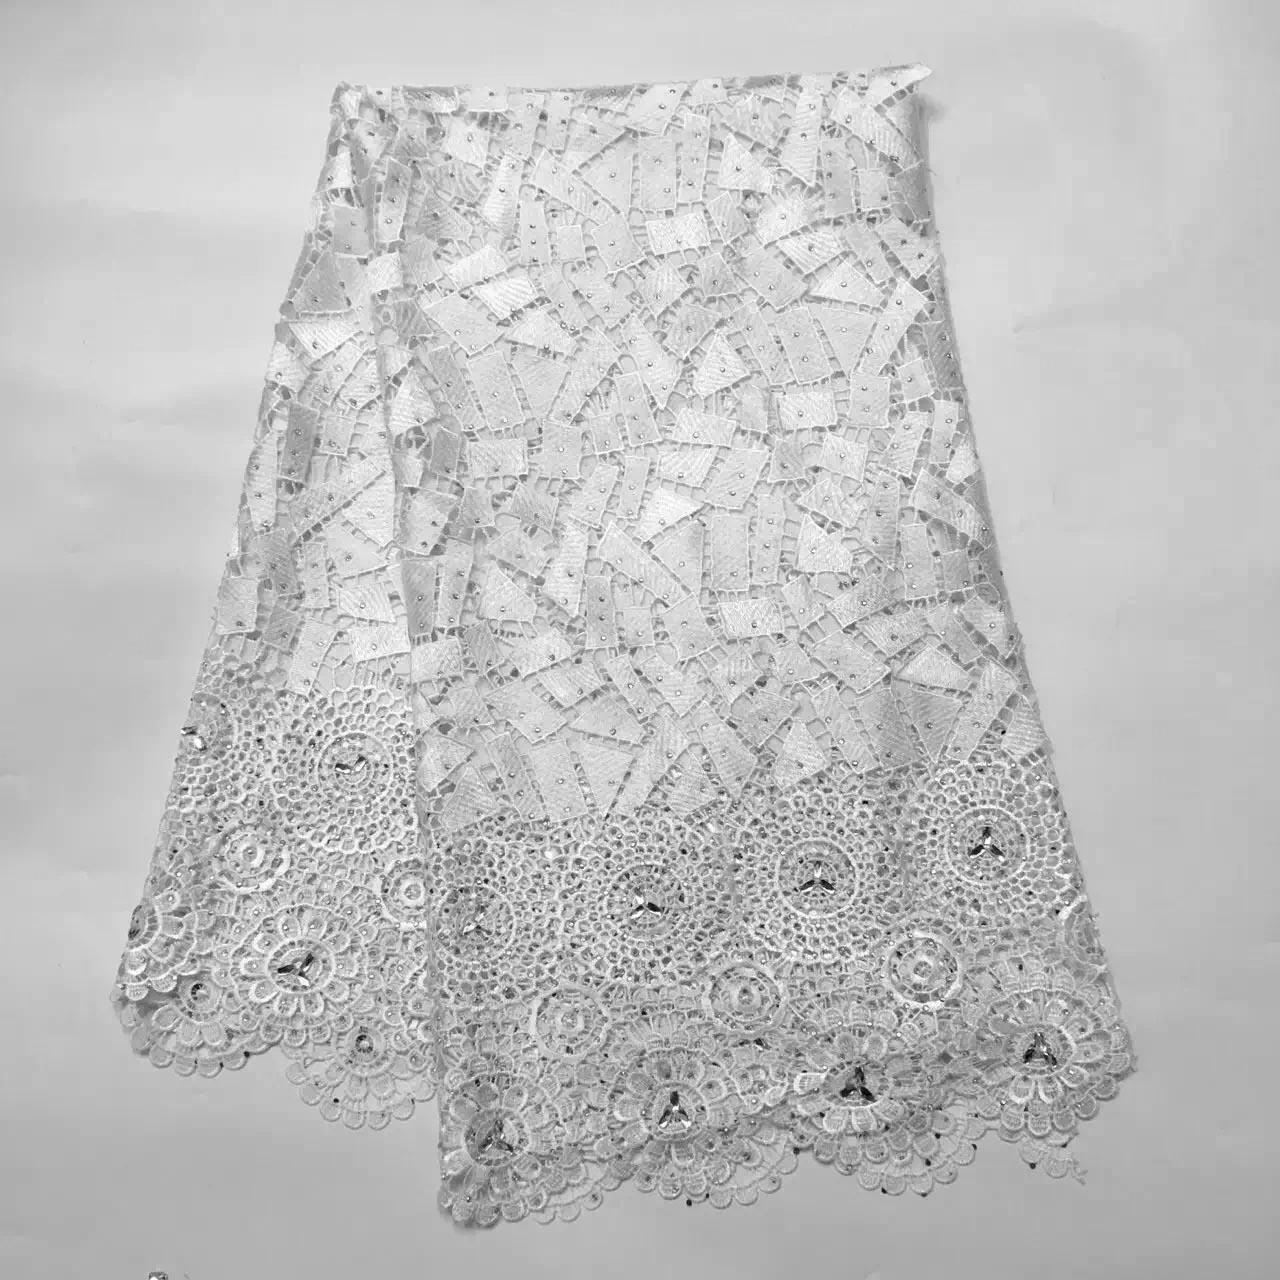 Tela de encaje guipure de encaje africano soluble en agua de alta calidad blanca con piedras para costura de vestido para boda K R480-in encaje from Hogar y Mascotas    1